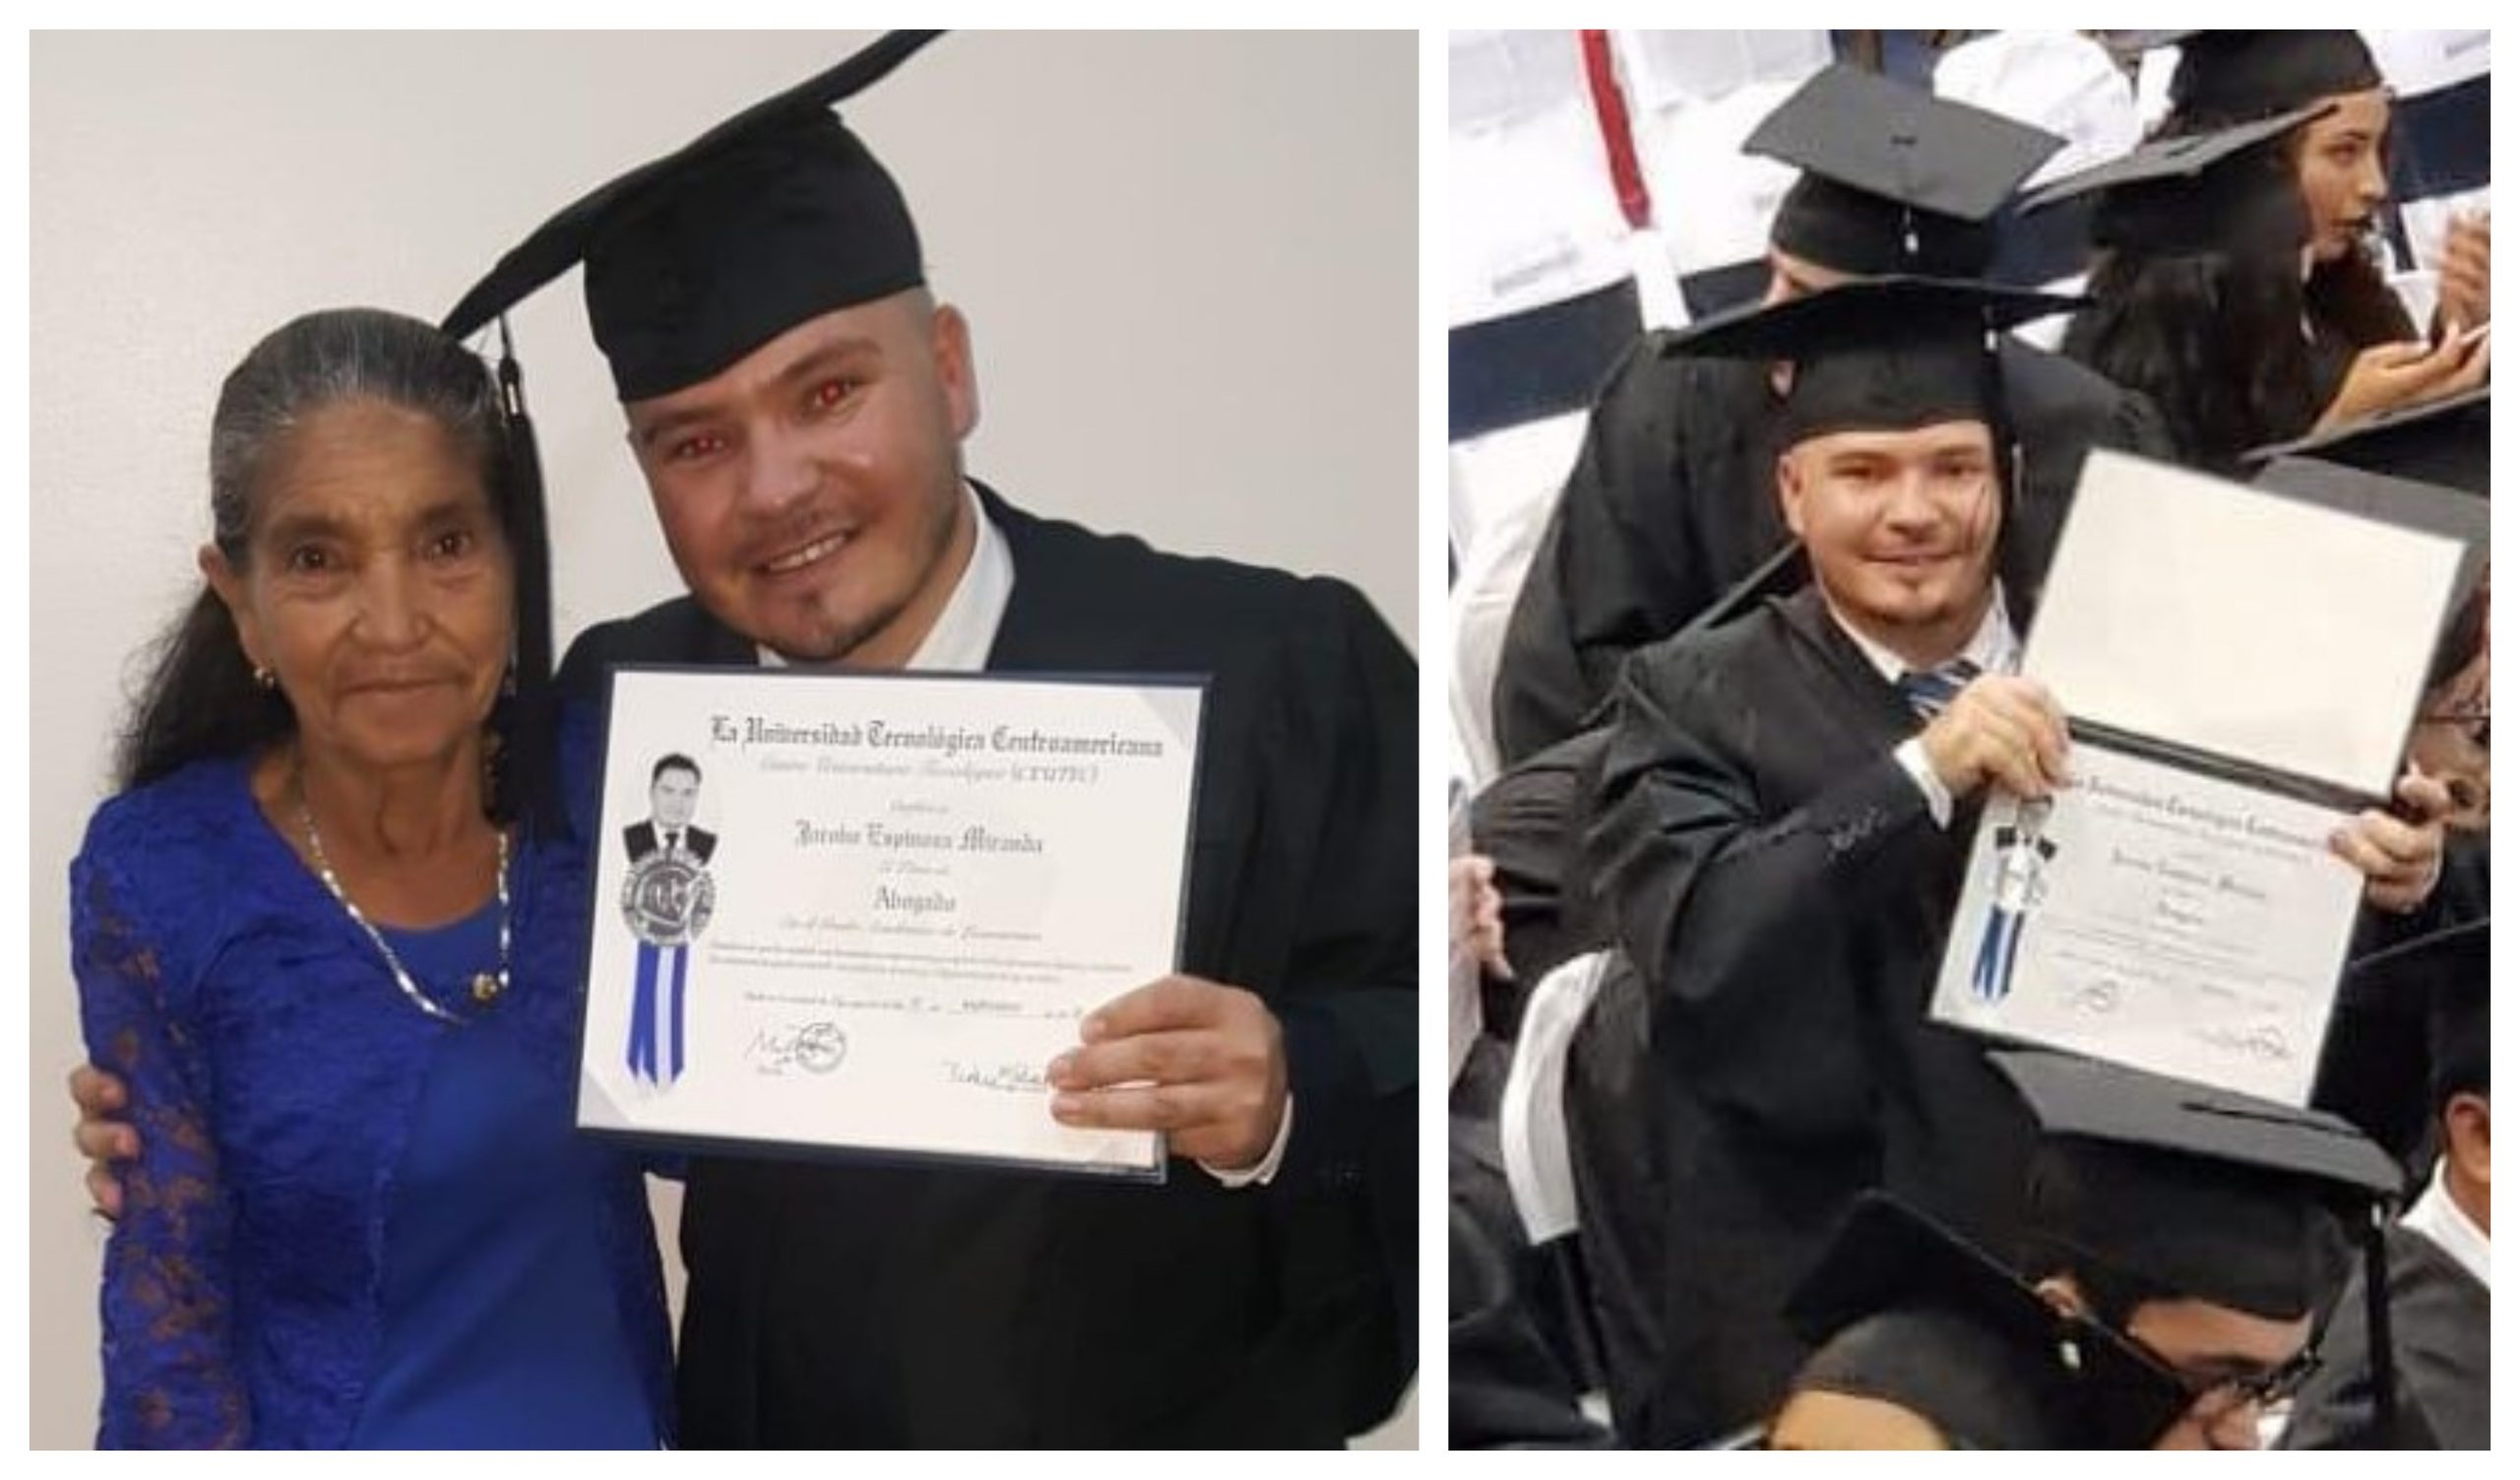 De albañil a abogado: Jacobo Espinoza recuerda que se burlaron de su sueño